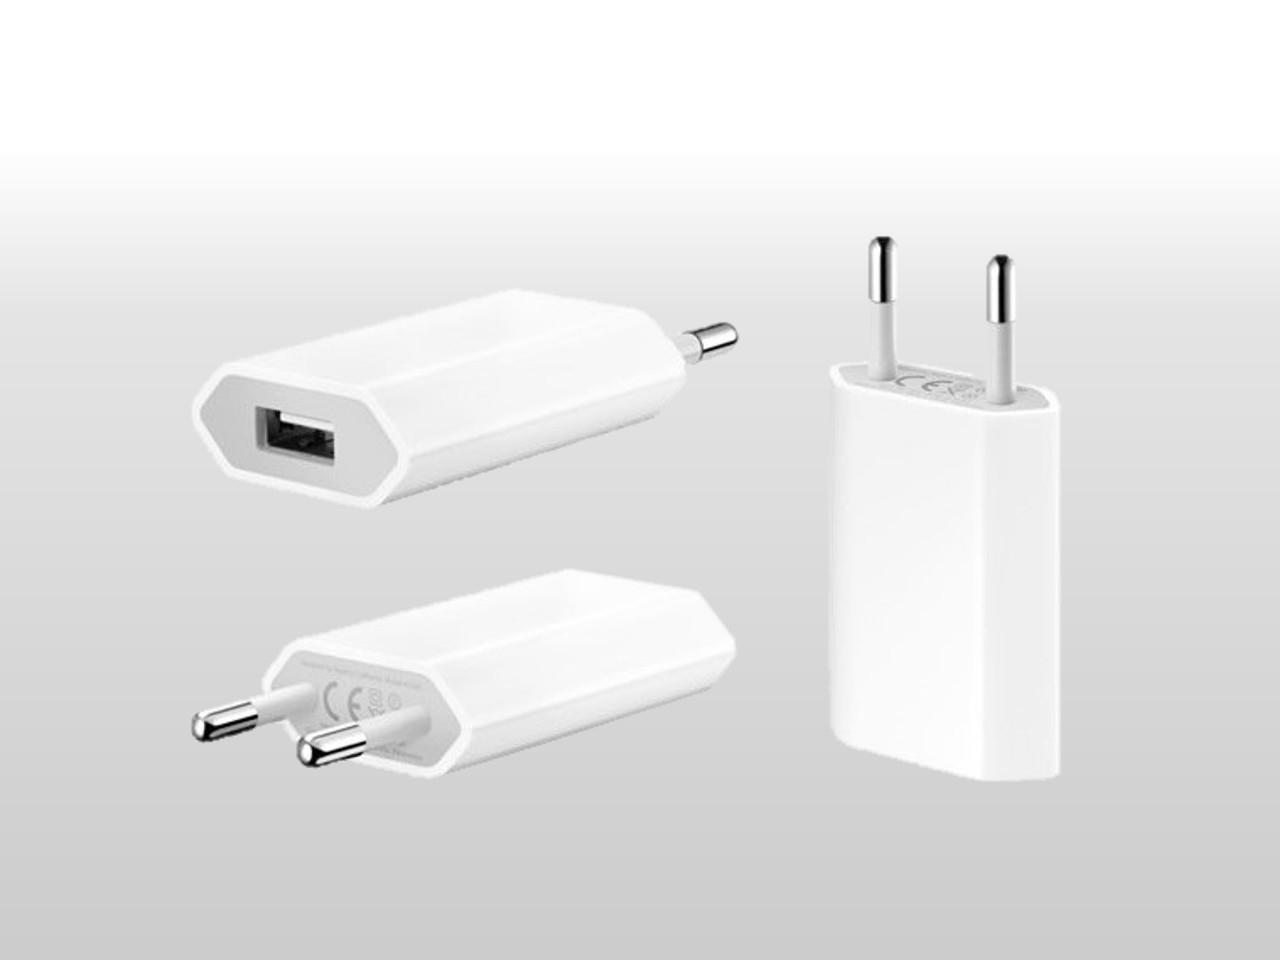 Mini USB nabíječka pro Apple iPhone, iPod (1A), bílá | CHAT on-line podpora PO-PÁ 8-22.00!!